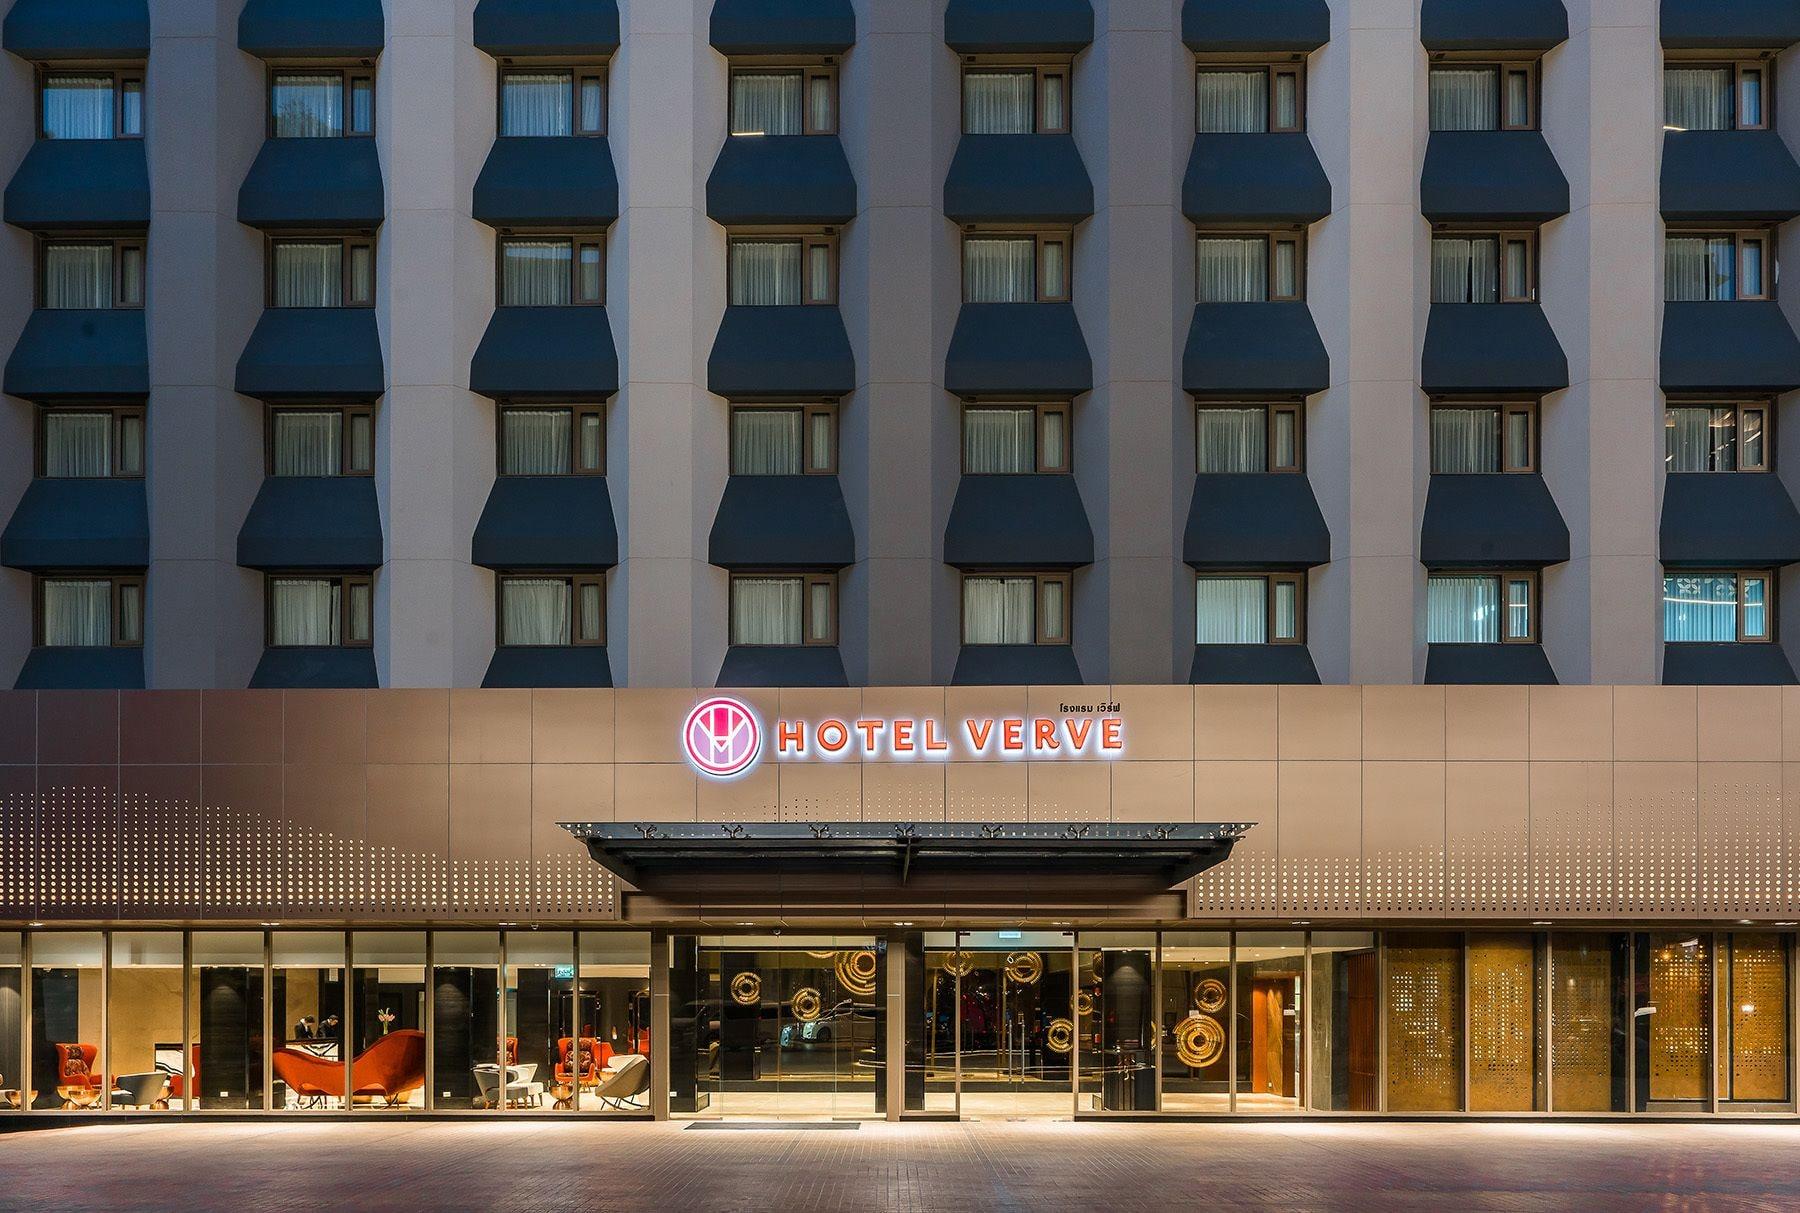 Hotel Verve, Wattana